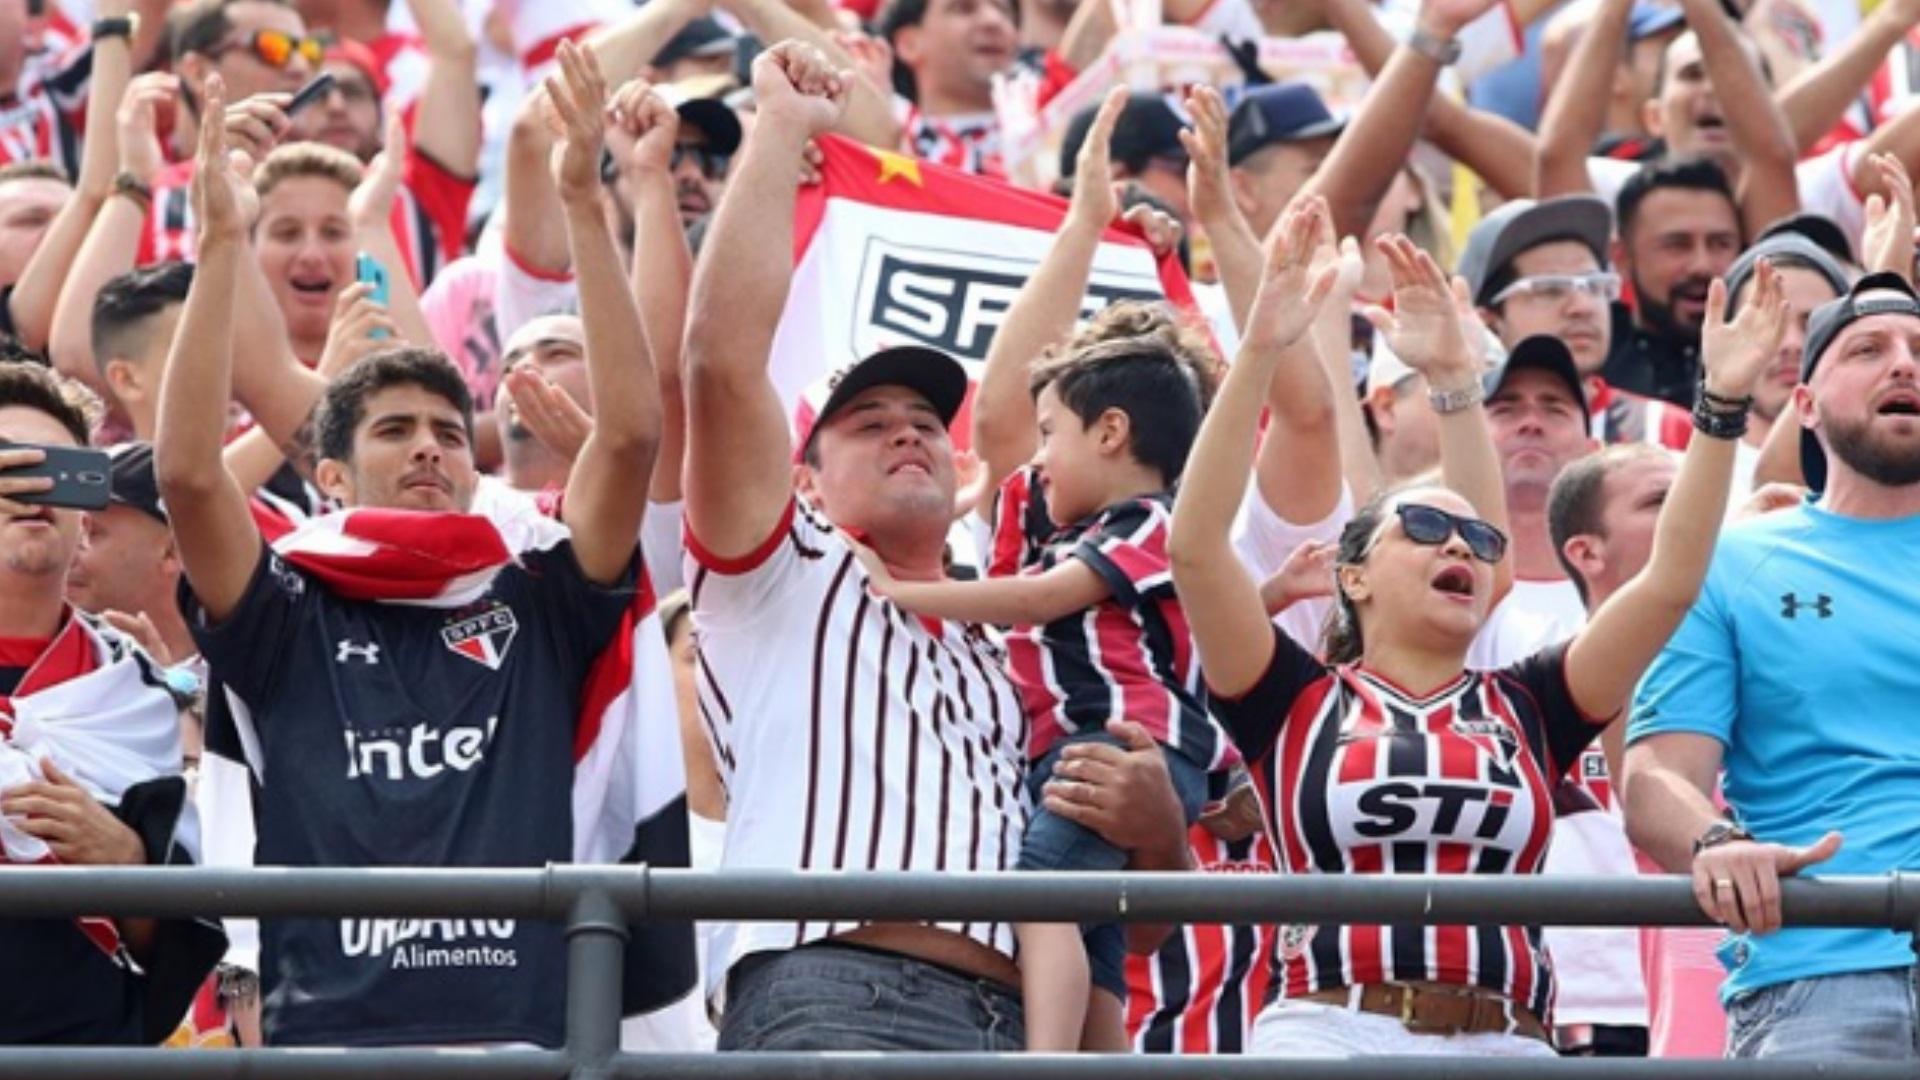 Torcida São Paulo Corinthians Brasileirão 24 09 2017